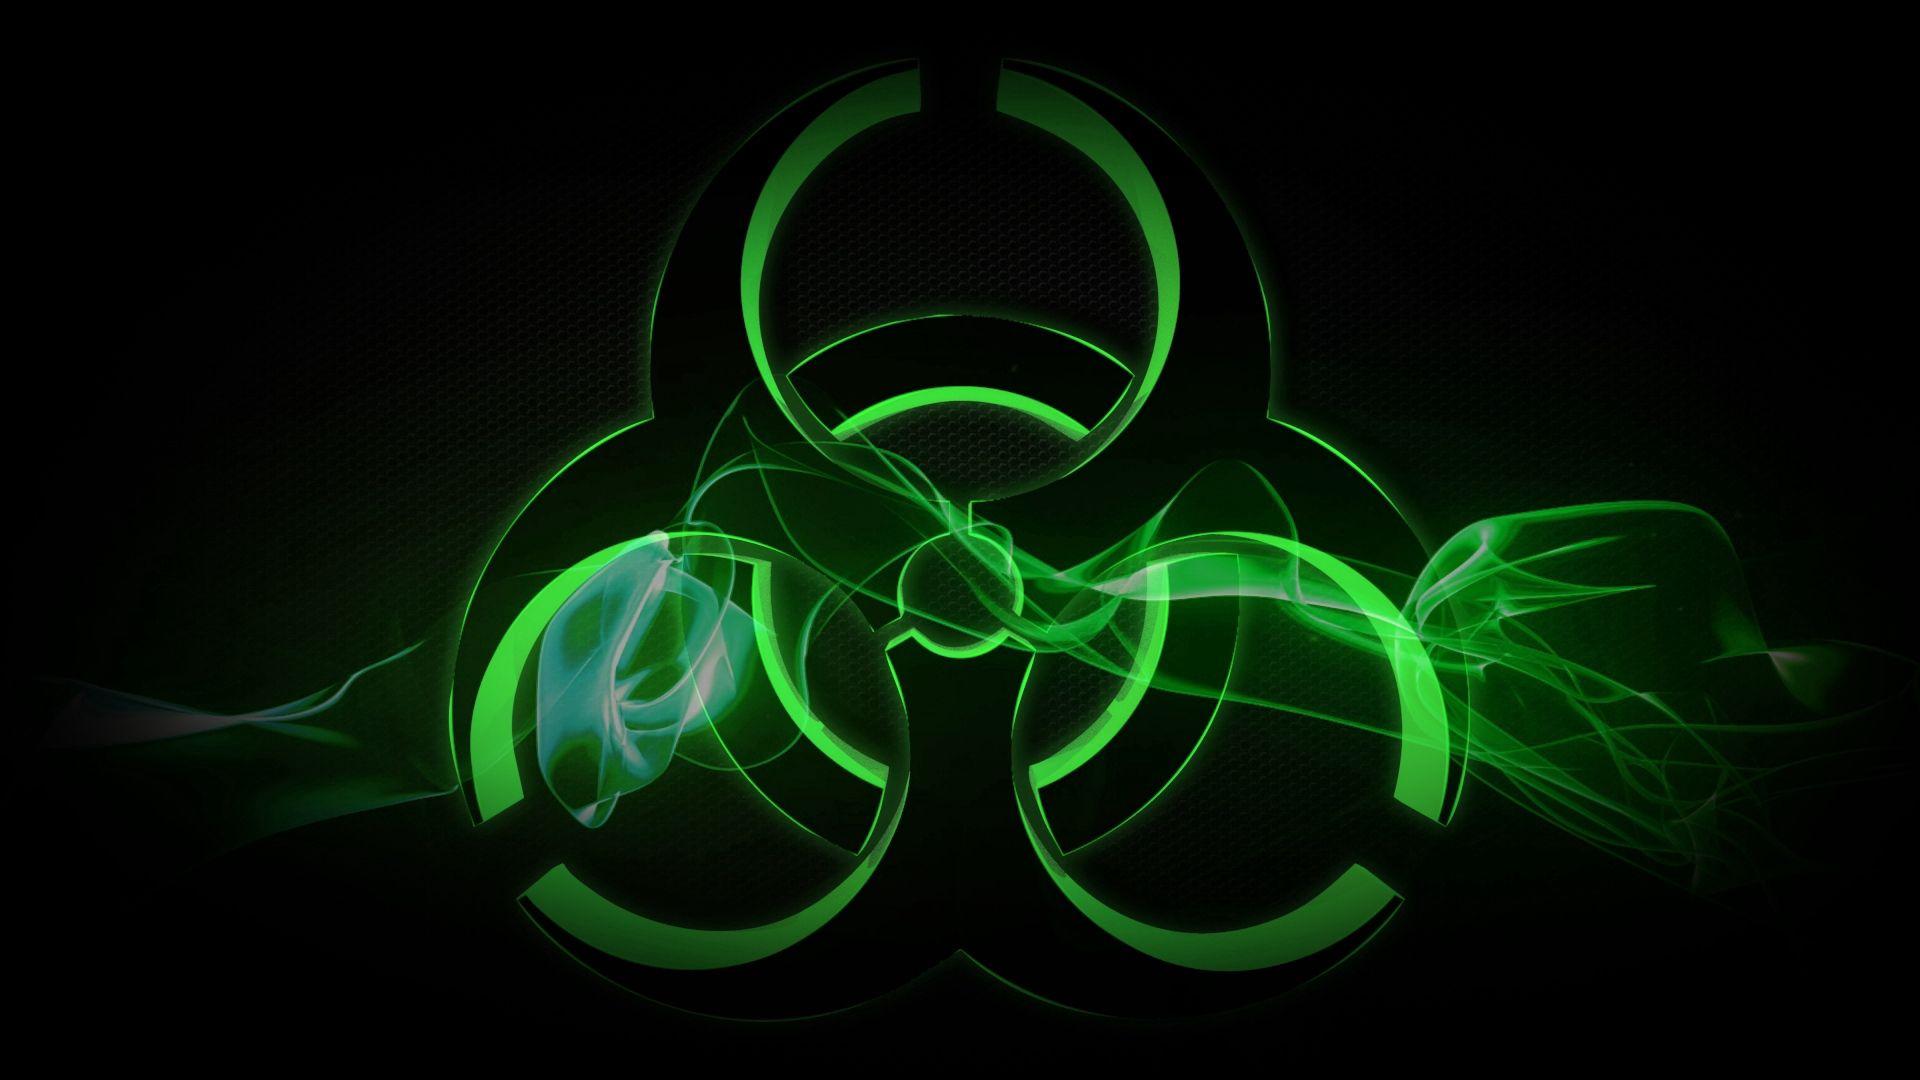 103211 Hintergrundbild herunterladen Abstrakt, Hintergrund, Zeichen, Schild, Strahlung, Symbol - Bildschirmschoner und Bilder kostenlos